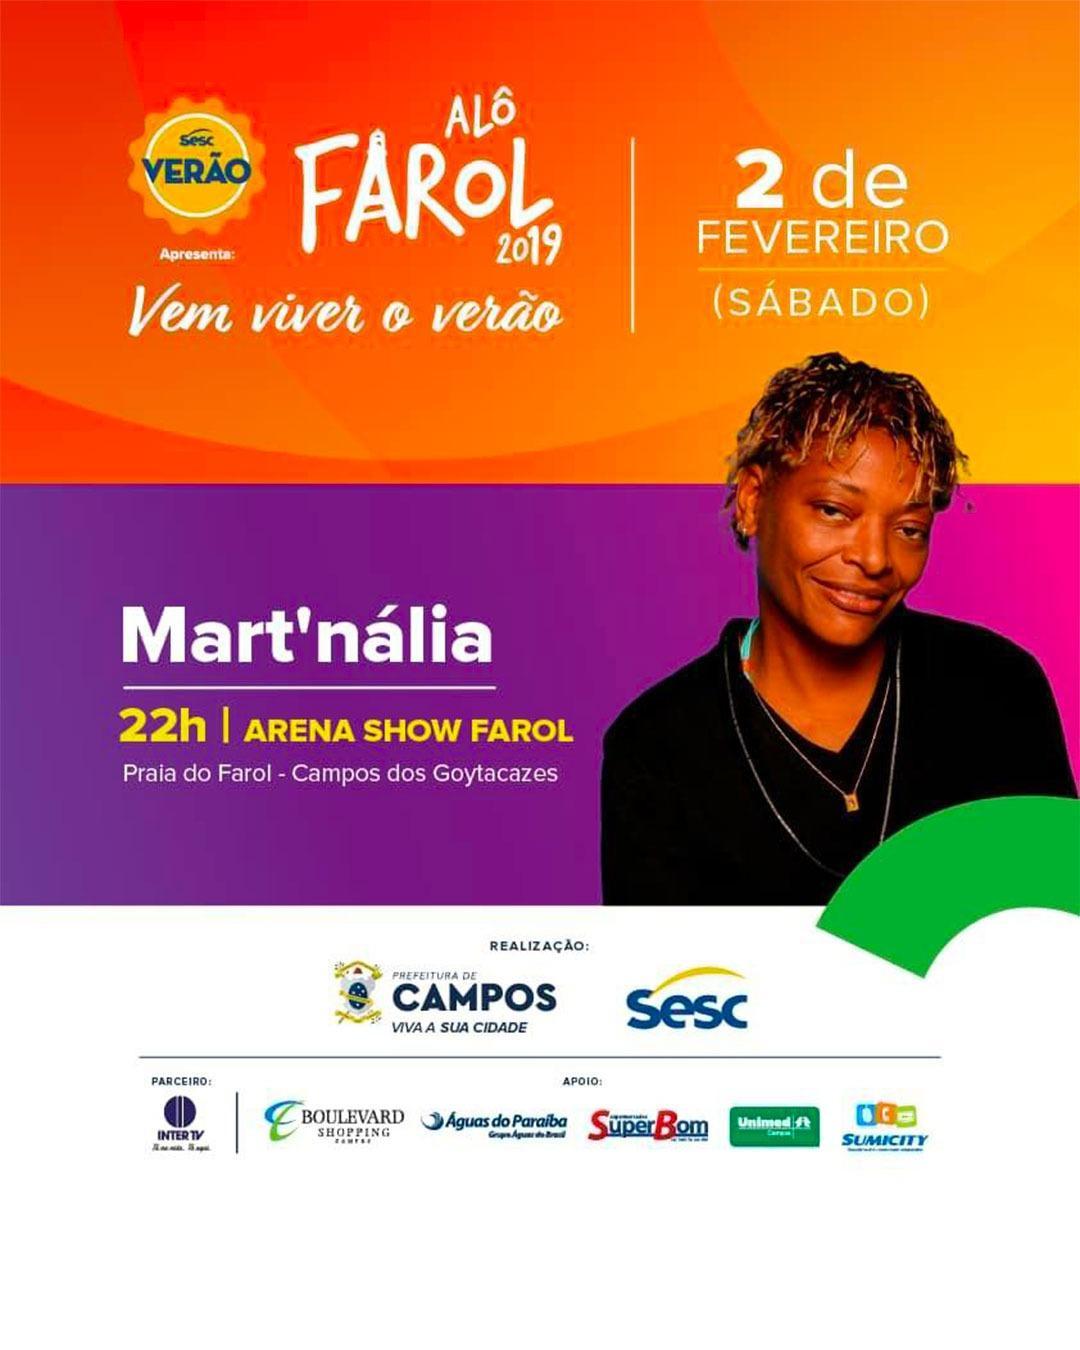 Alô Farol! | SESC VERÃO